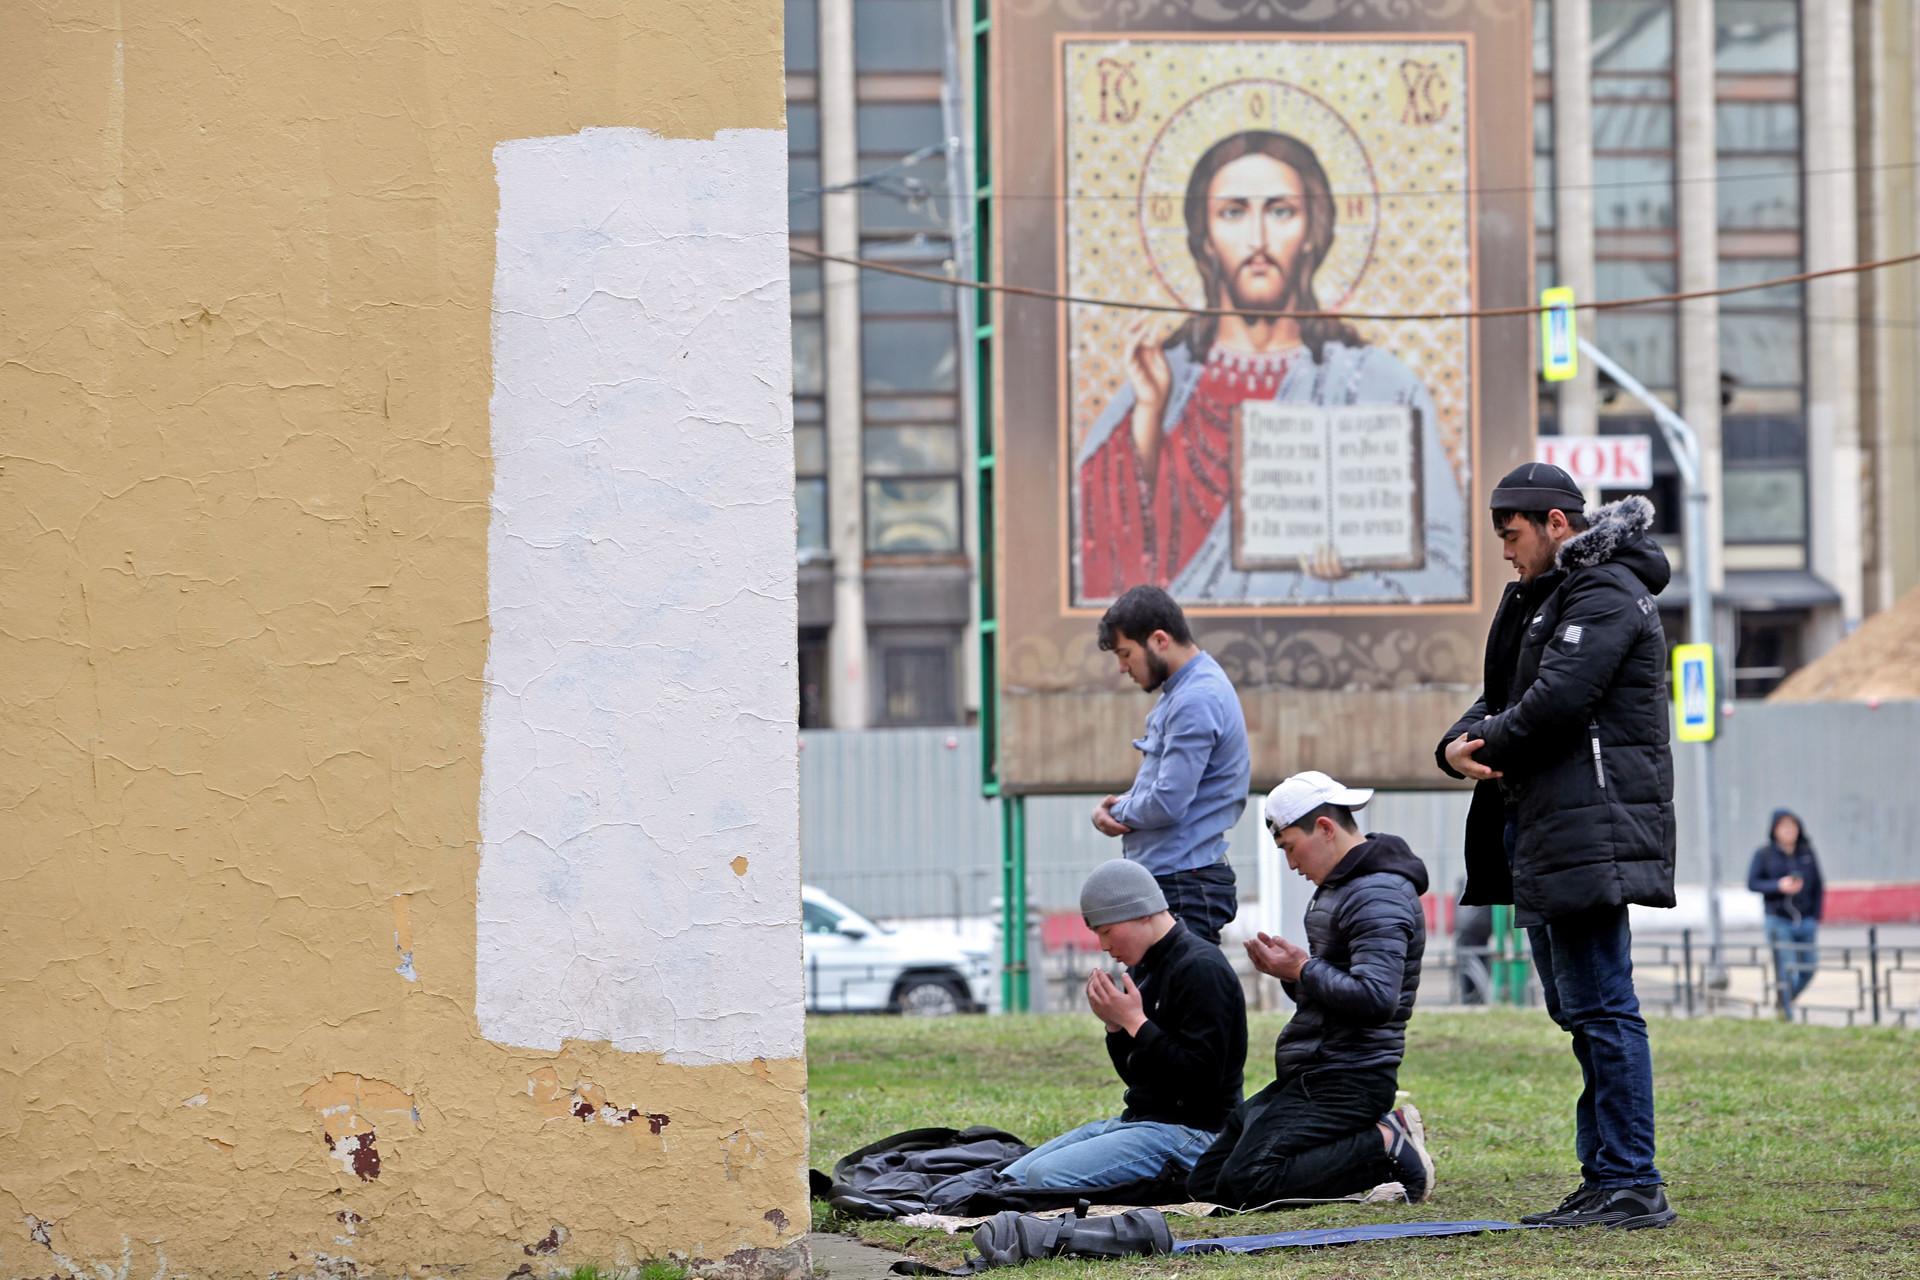 Umat Islam menunaikan salat Zuhur di taman, di depan gereja Ortodoks, tak jauh dari Masjid Agung Moskow, Jumat (20/3).